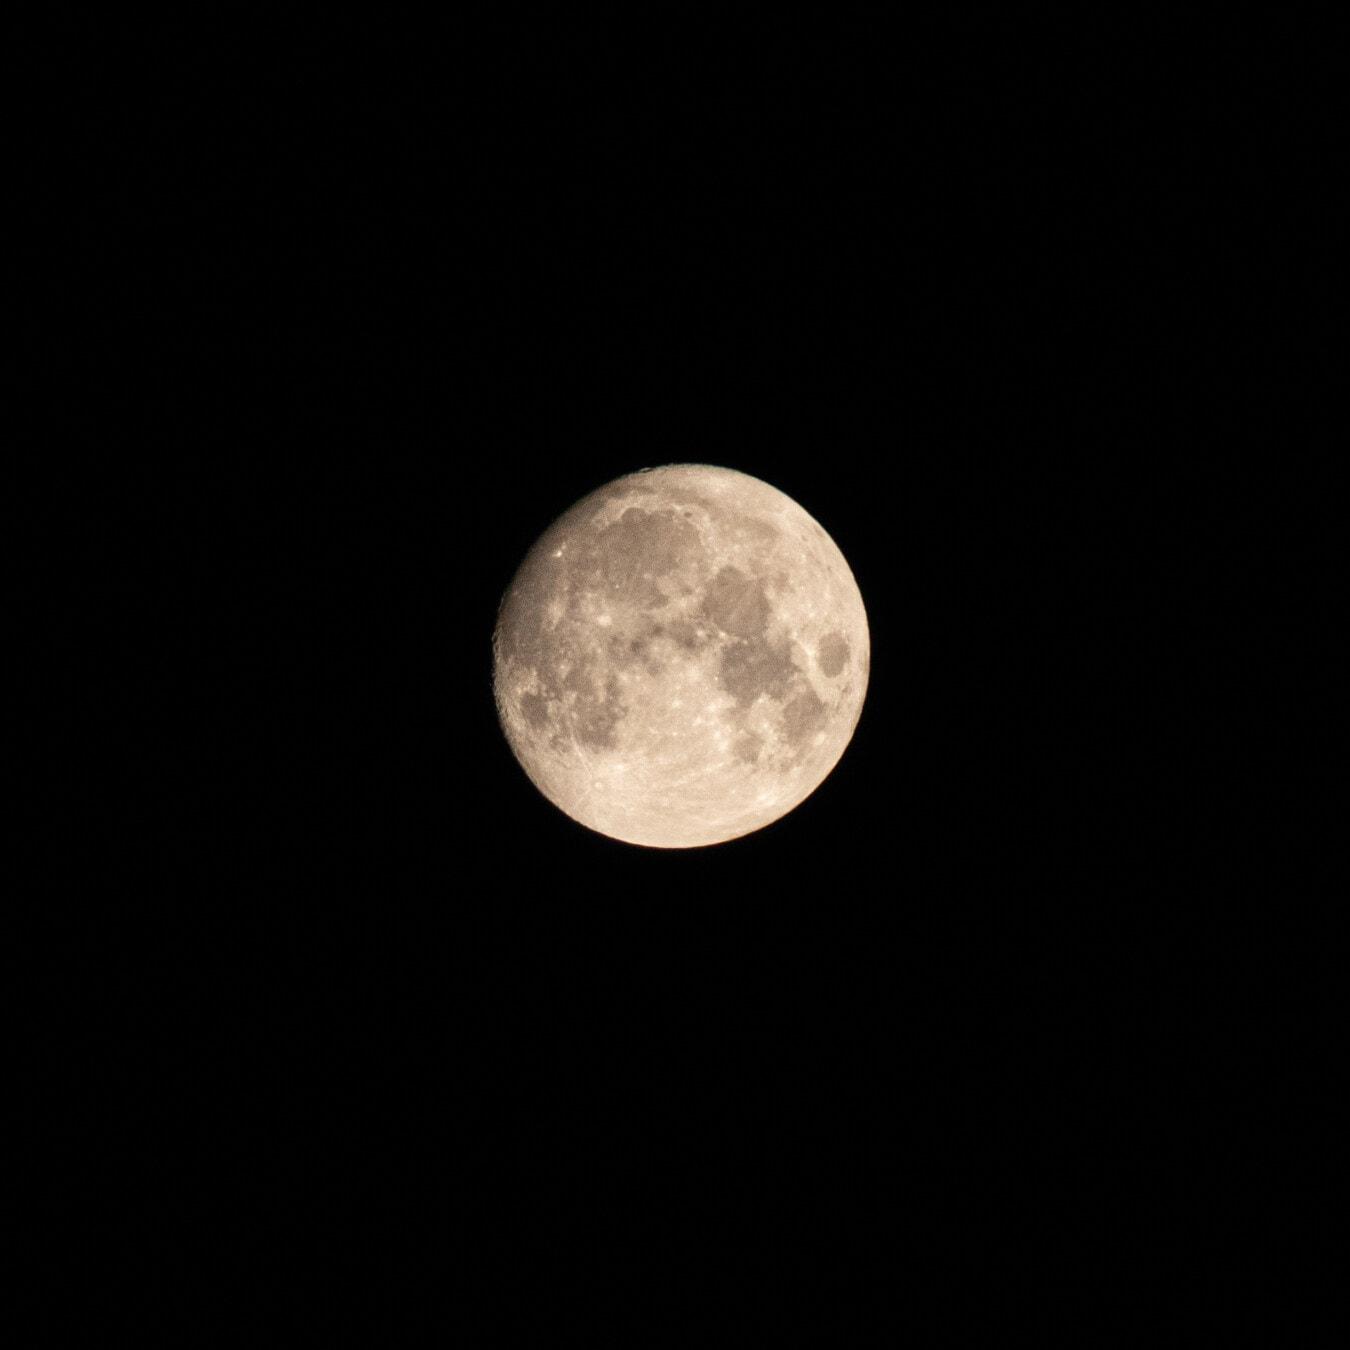 Vollmond, Satellit, Mond, Runde, Kosmos, Galaxie, Umlaufbahn, Universum, Eclipse, Astronomie